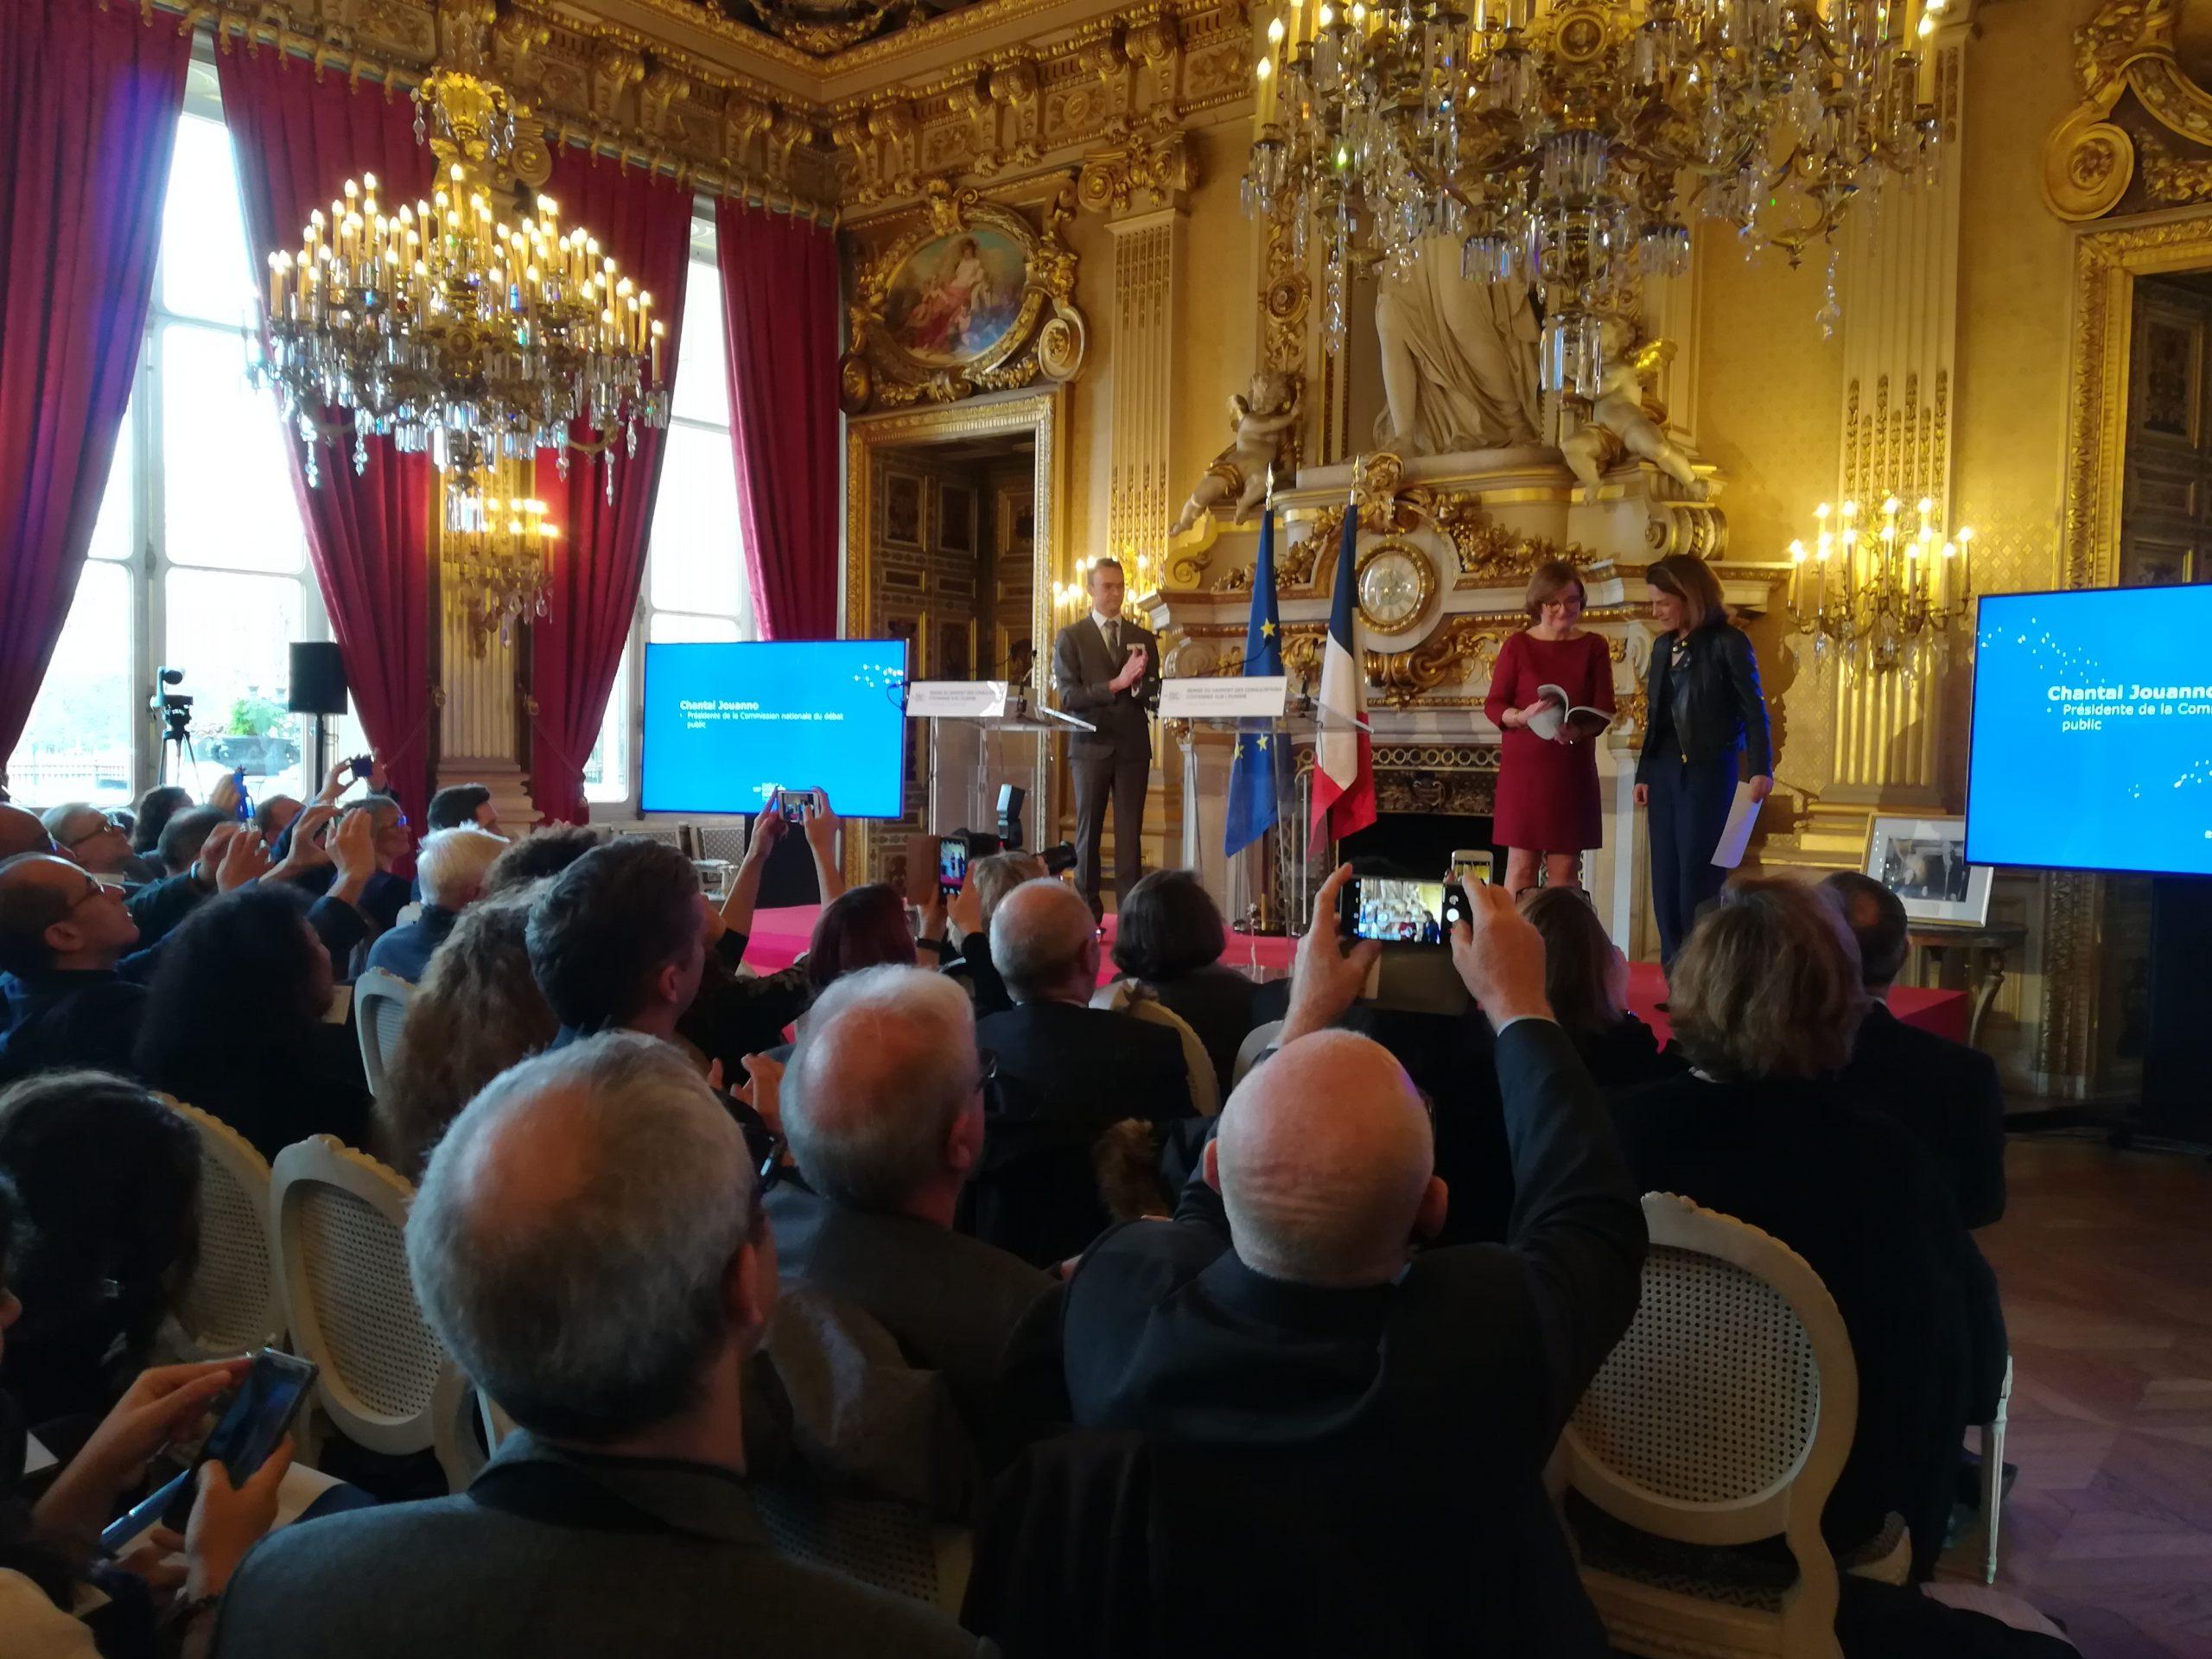 Chantal Jouanno remet le rapport de la CNDP à Nathalie Loiseau - Crédits : Marie Guitton / Toute l'Europe